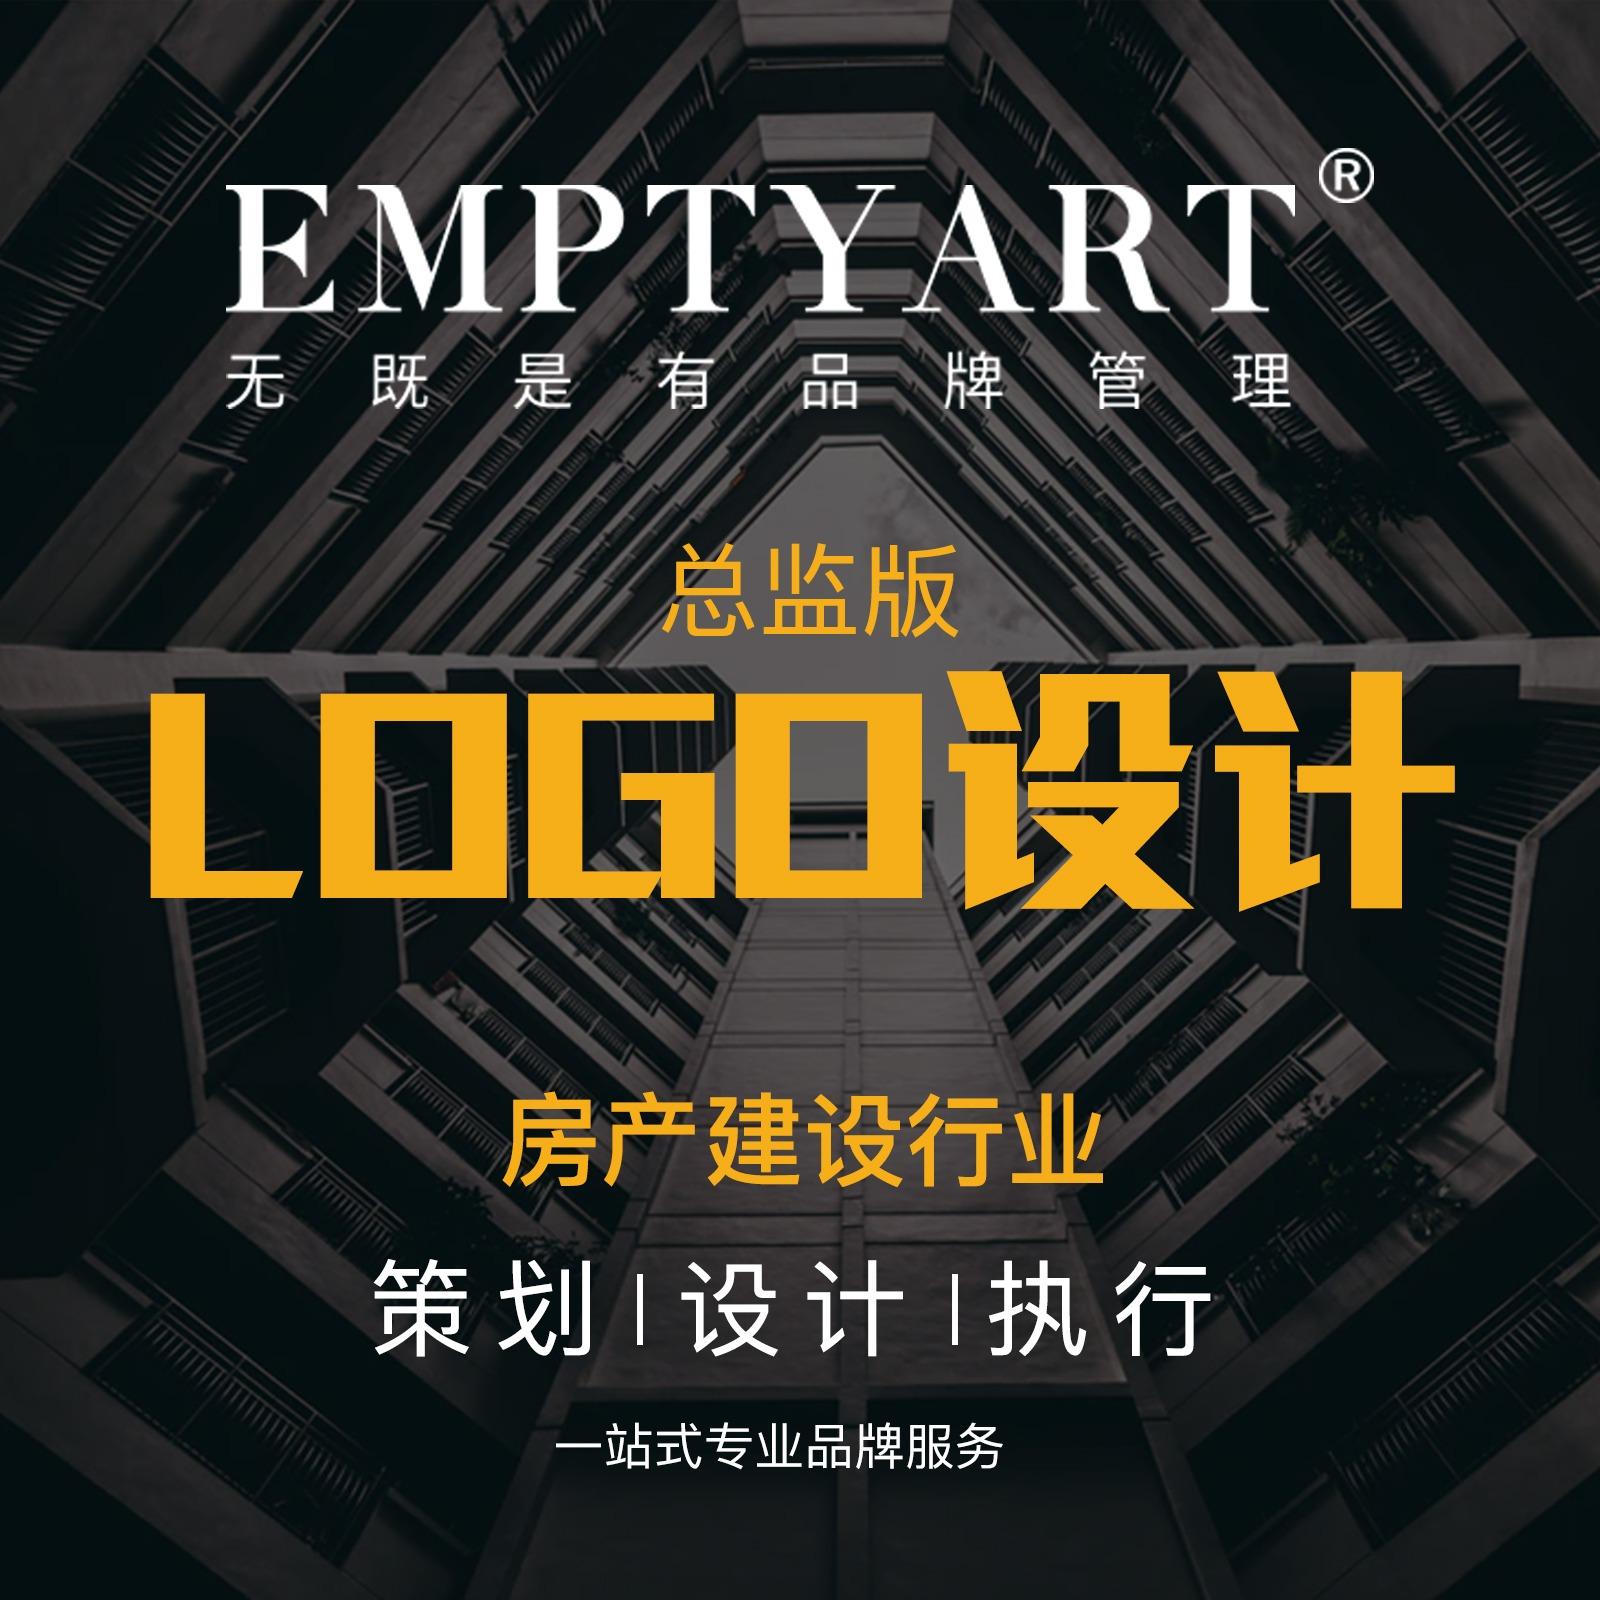 总监版房产建设行业品牌<hl>logo设计</hl>原创标志商标<hl>LOGO</hl>图标